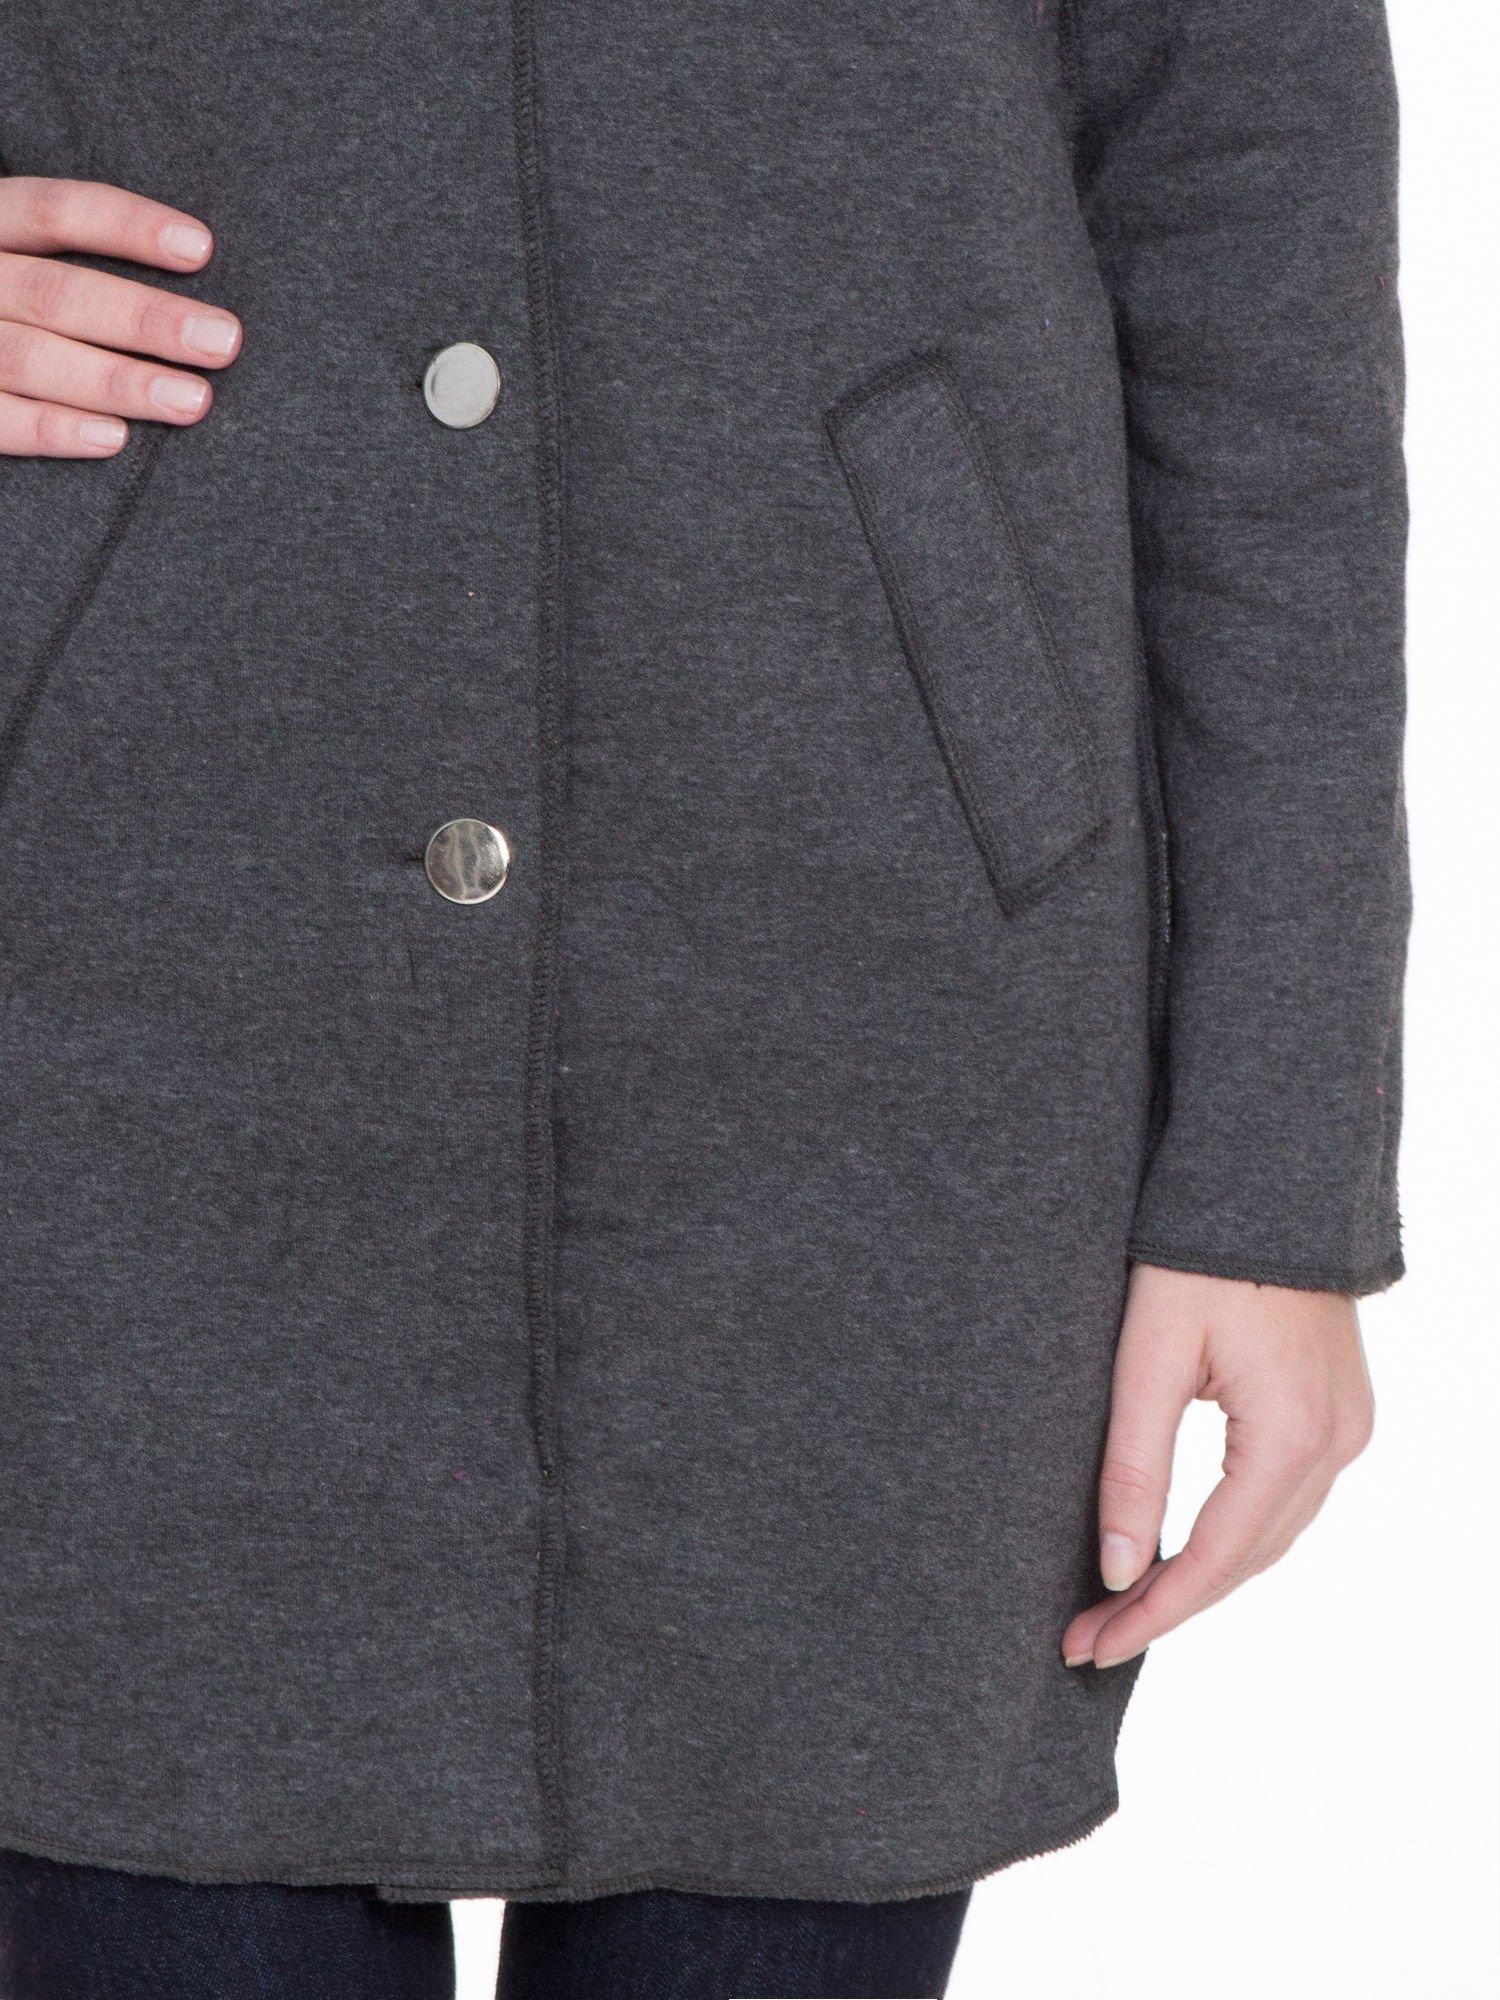 Ciemnoszary dresowy płaszcz o kroju oversize                                  zdj.                                  5